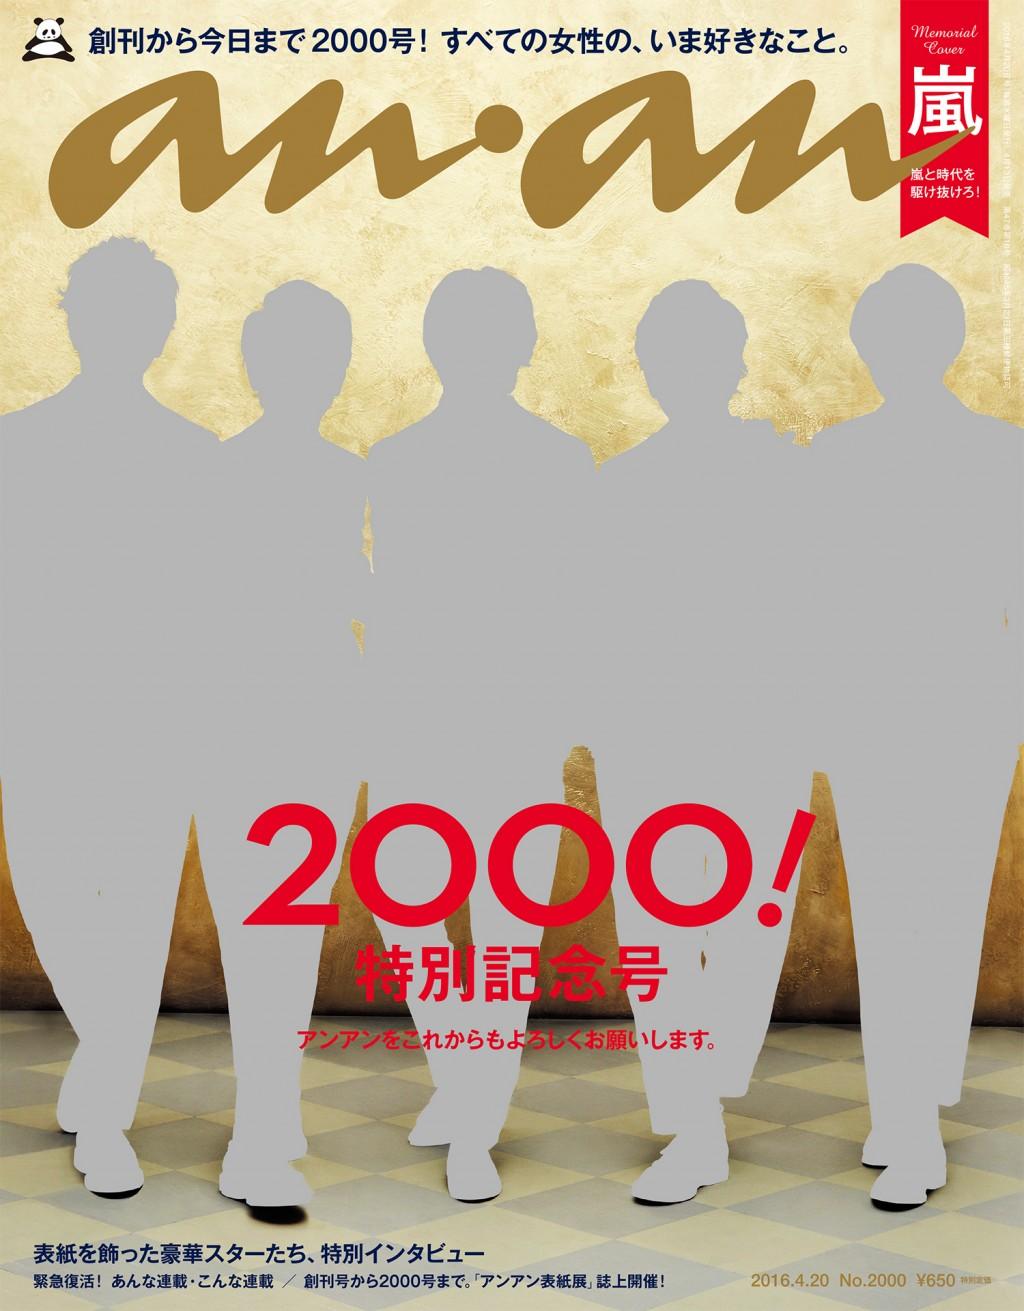 マスク済み 2000号表紙